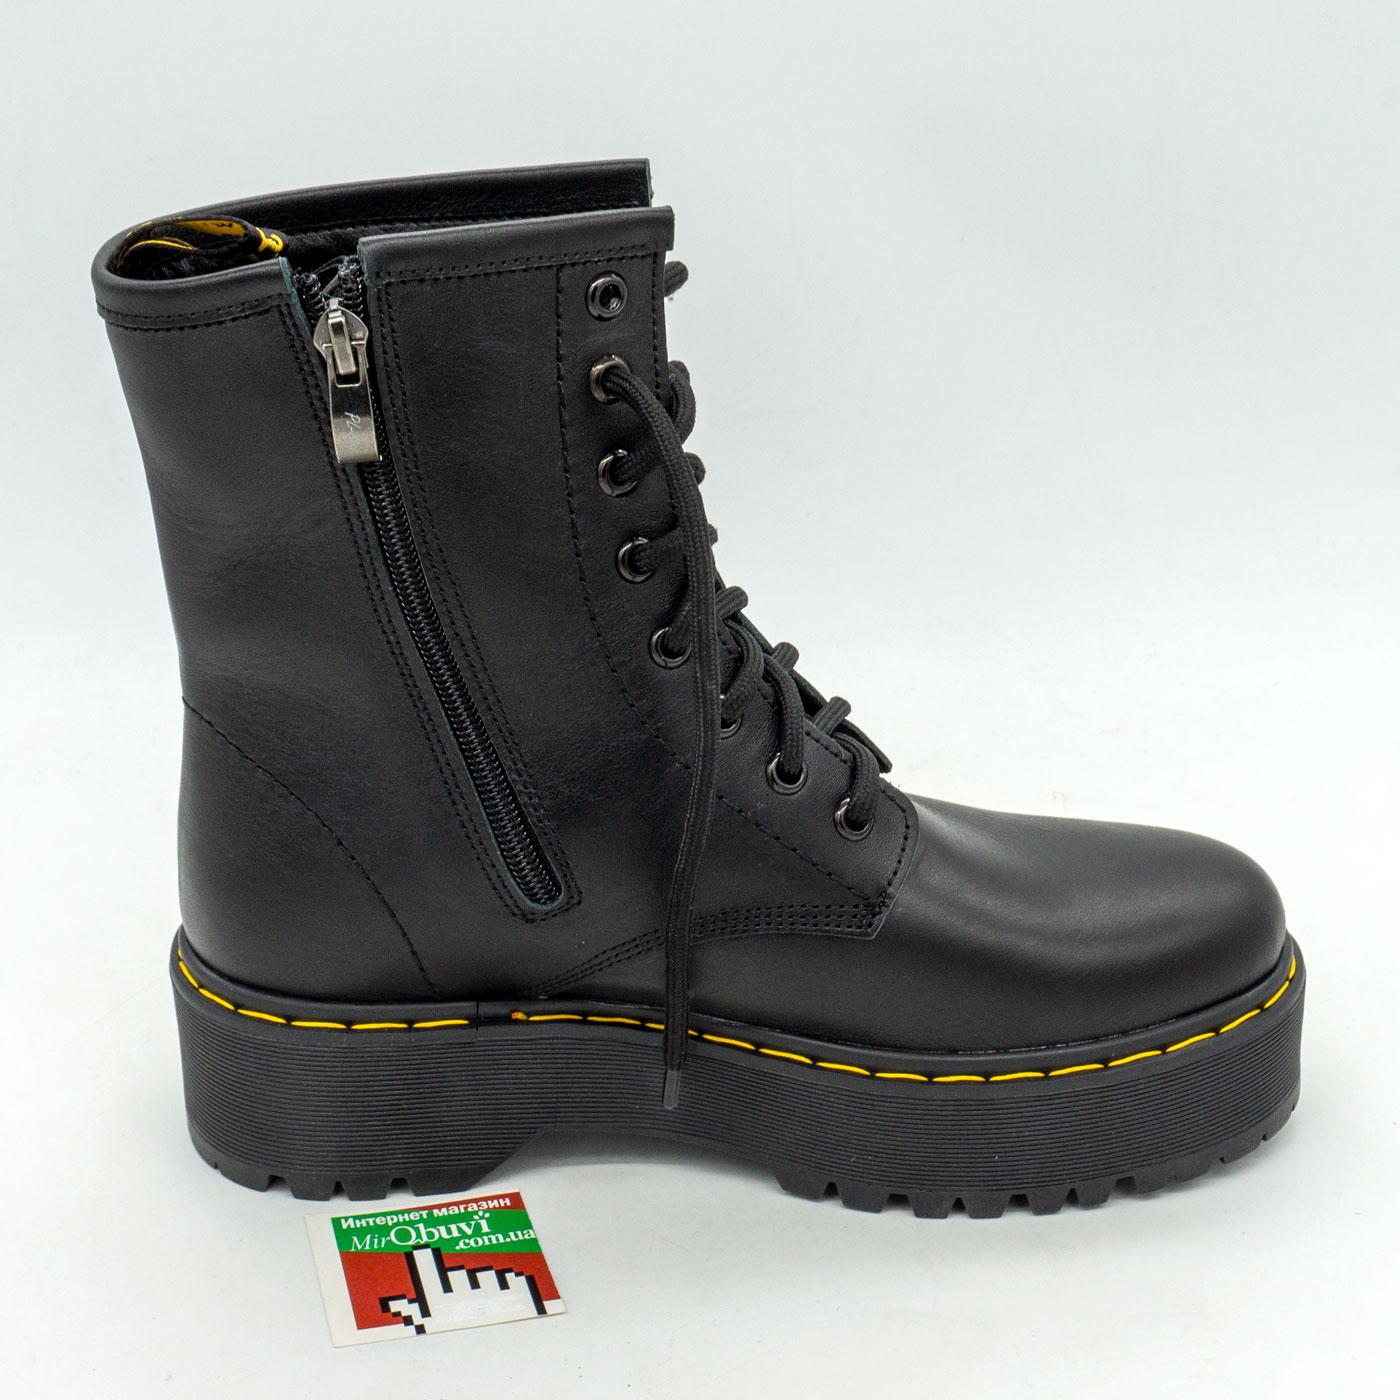 фото front Зимние черные женские ботинки в Dr. Martens на платформе - 003 front